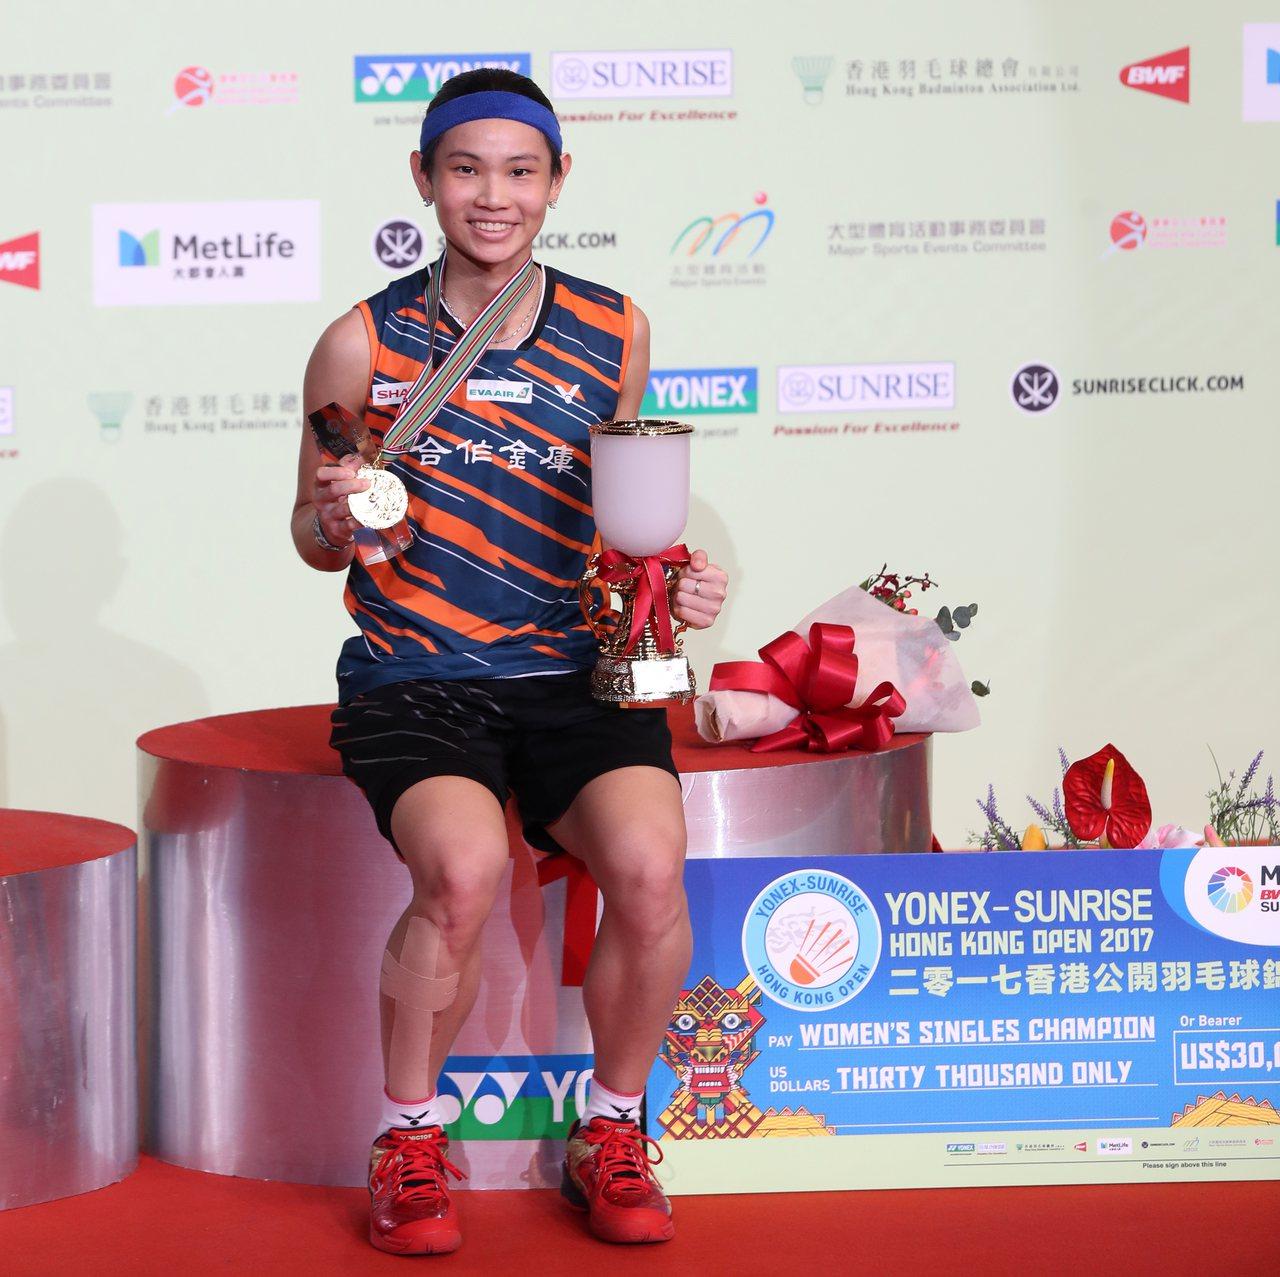 戴資穎前一站在香港超羽賽完成衛冕,年終賽將尋求另個連霸。 圖/Badminto...